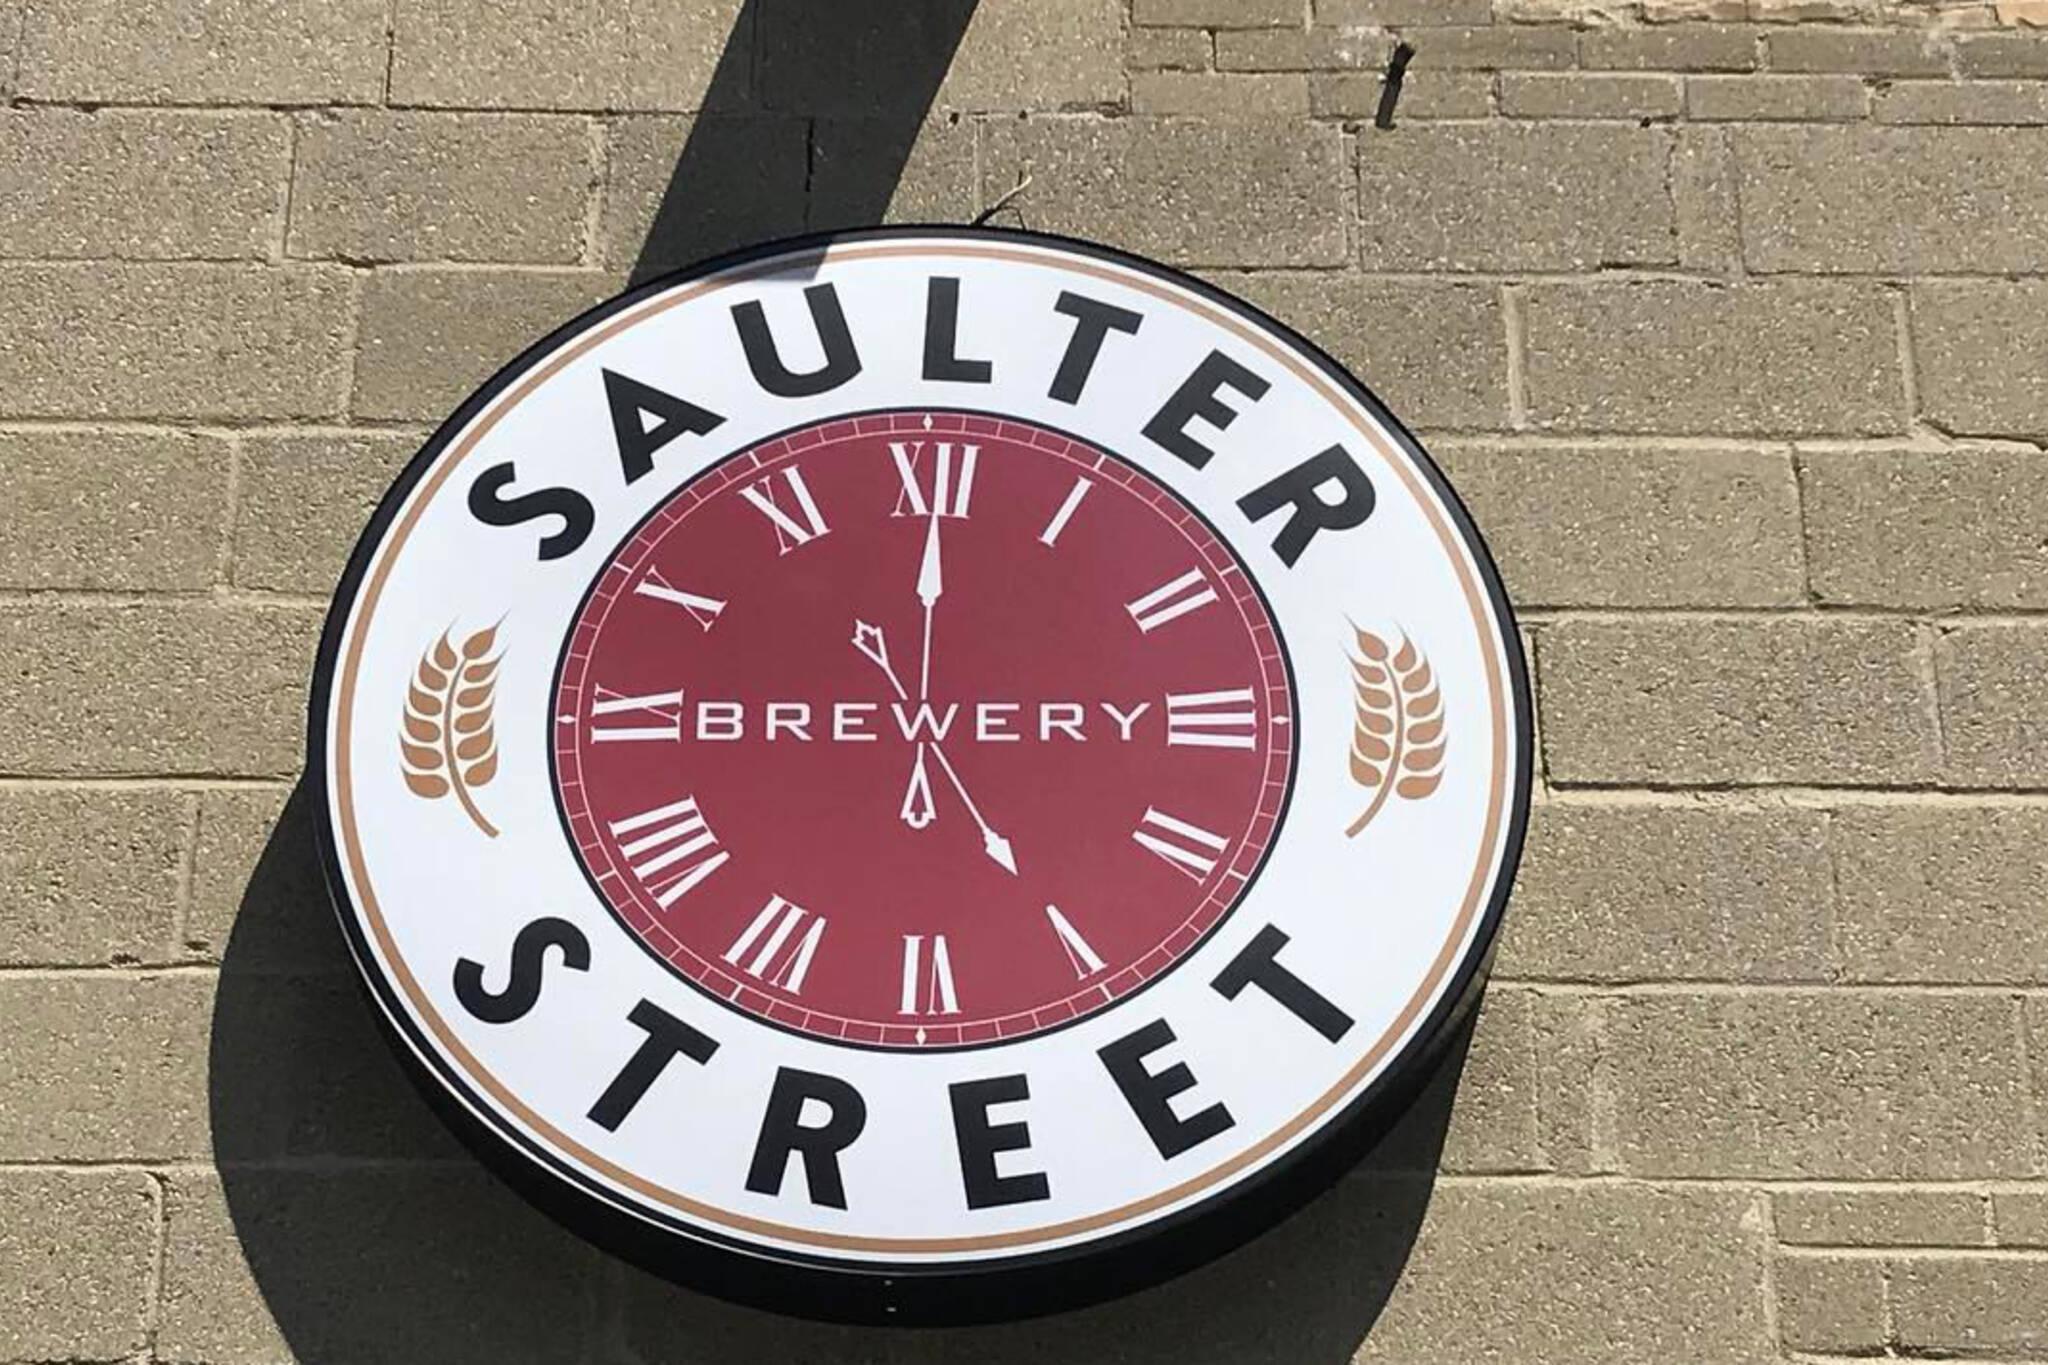 saulter brewery toronto